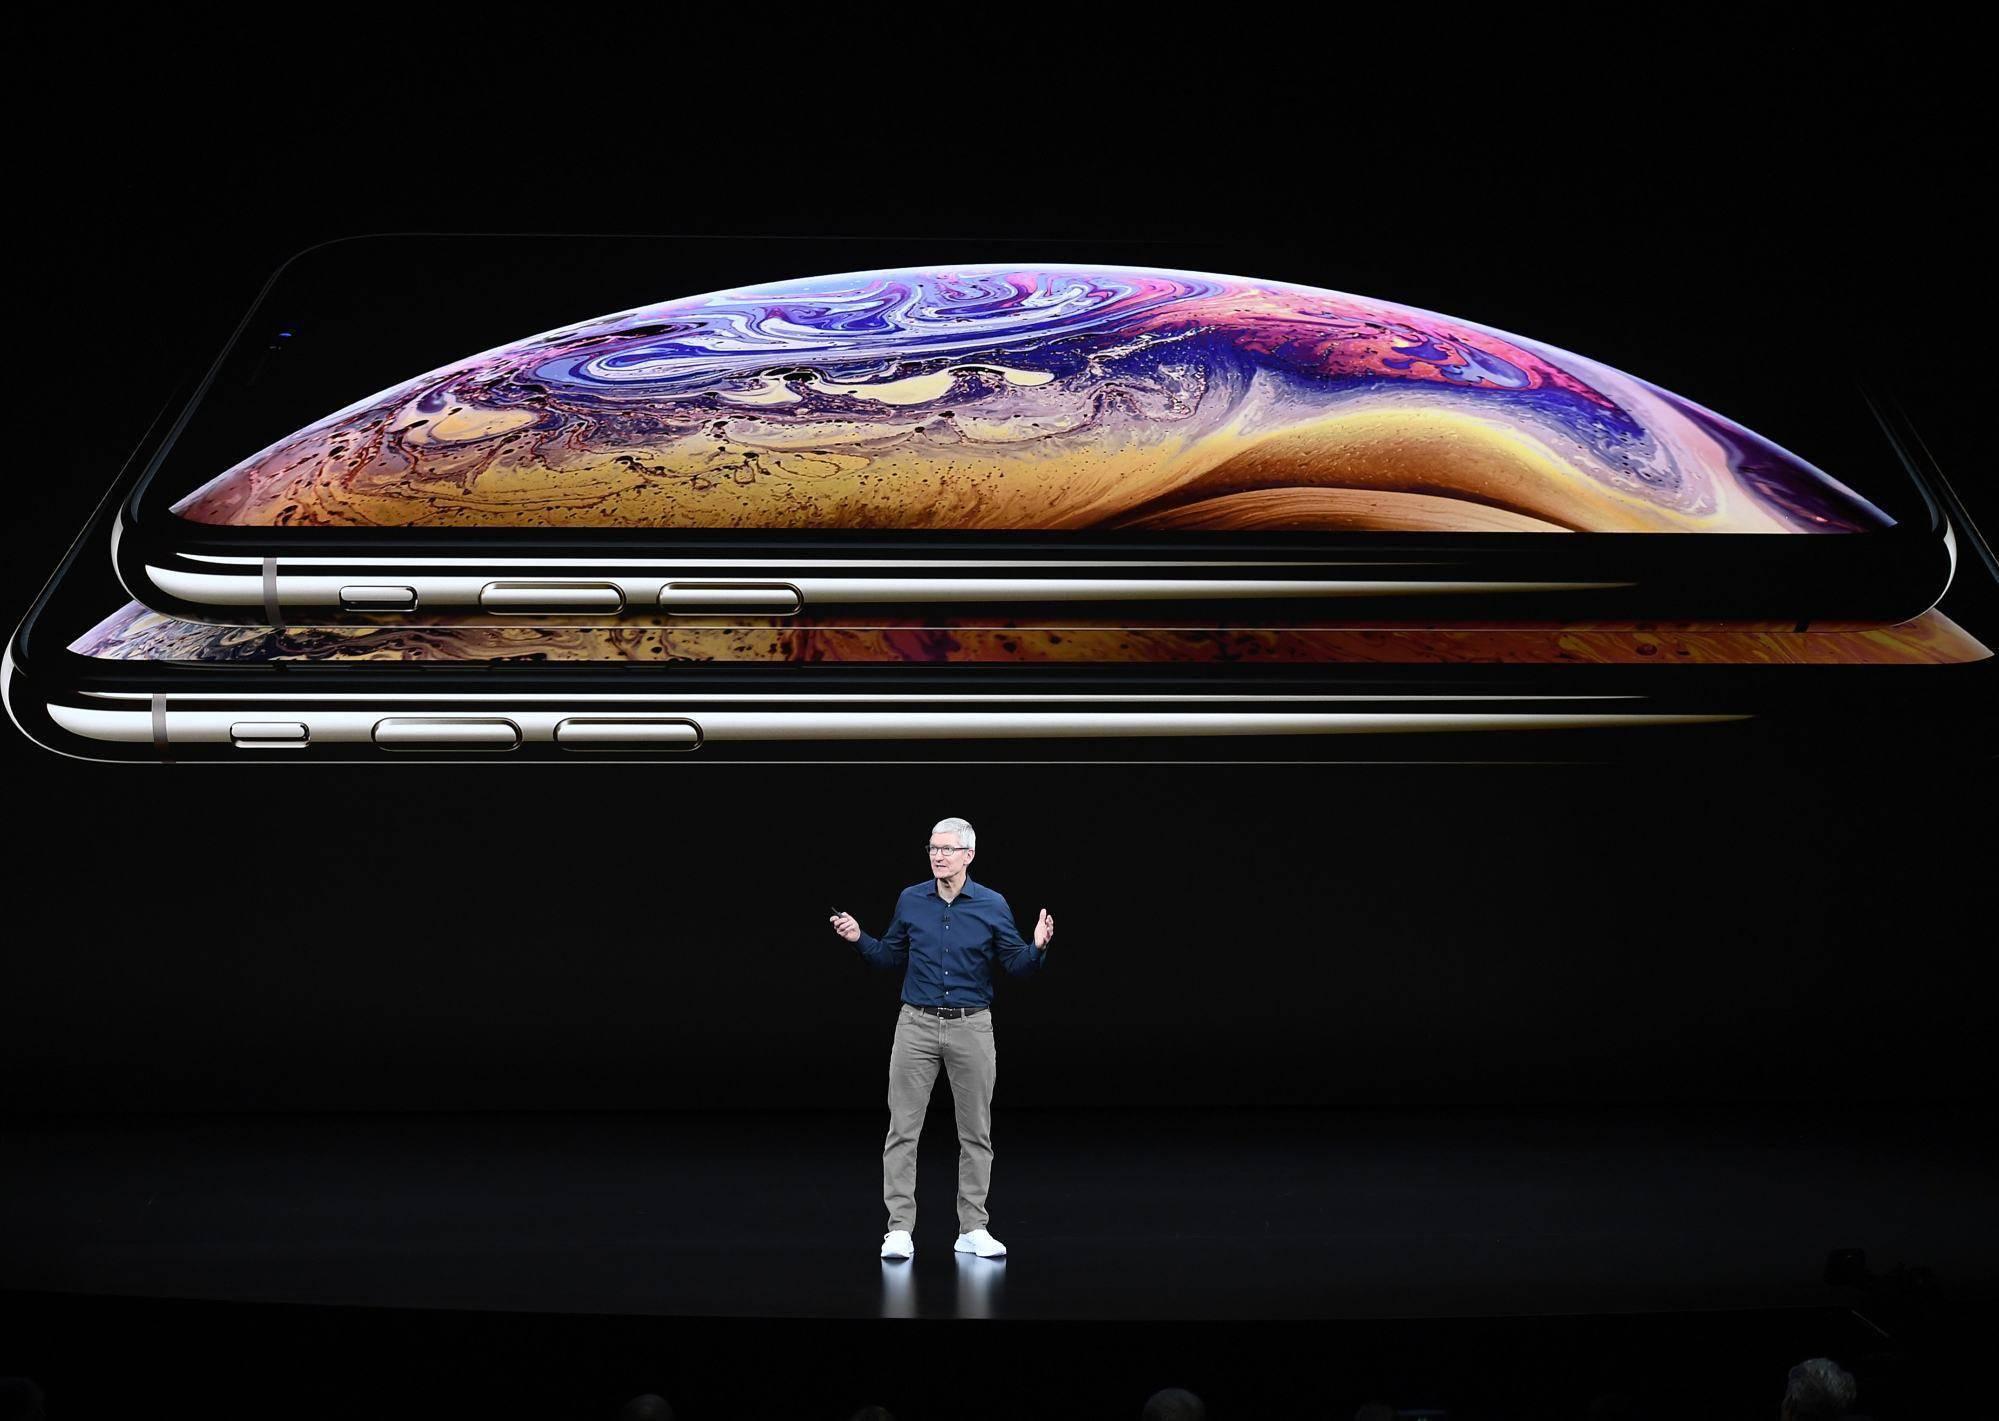 苹果发布直播测试:暗示iPhone发布会9月10日举行?